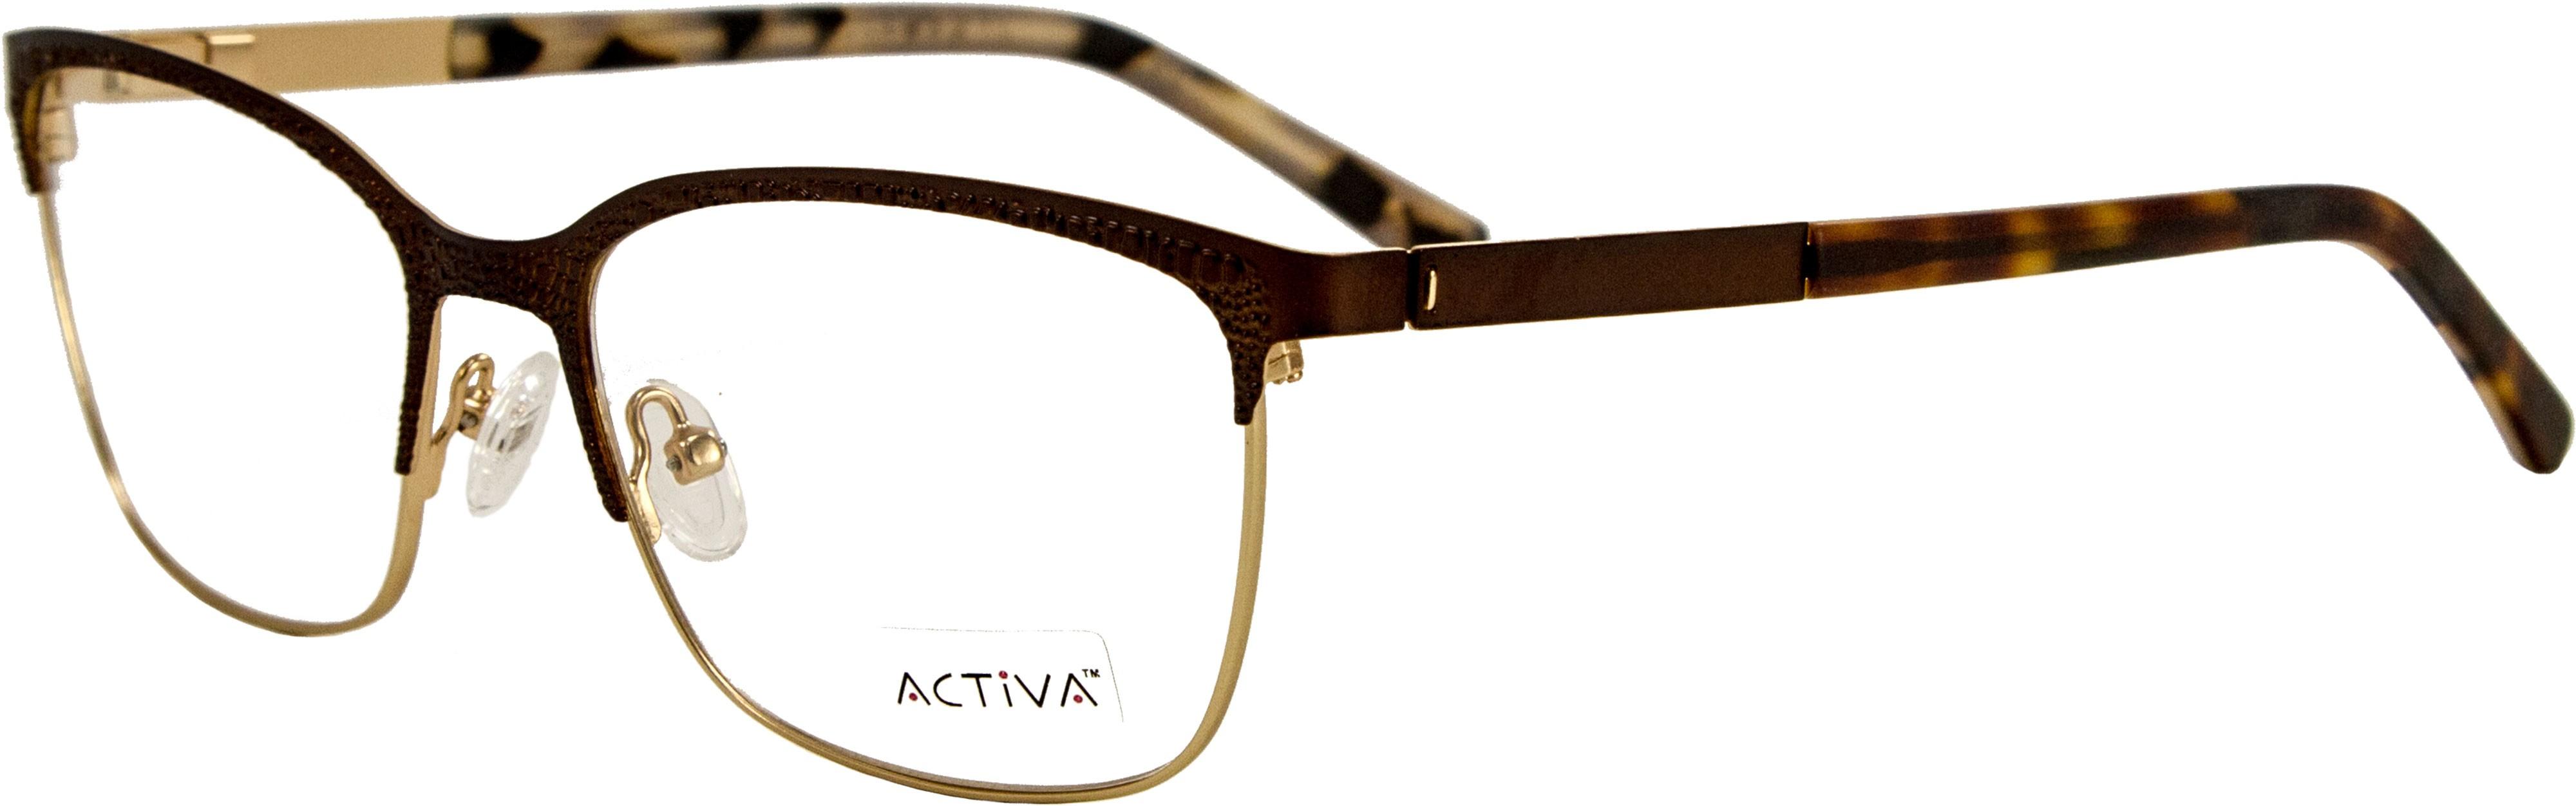 Activa 9543 C4 2